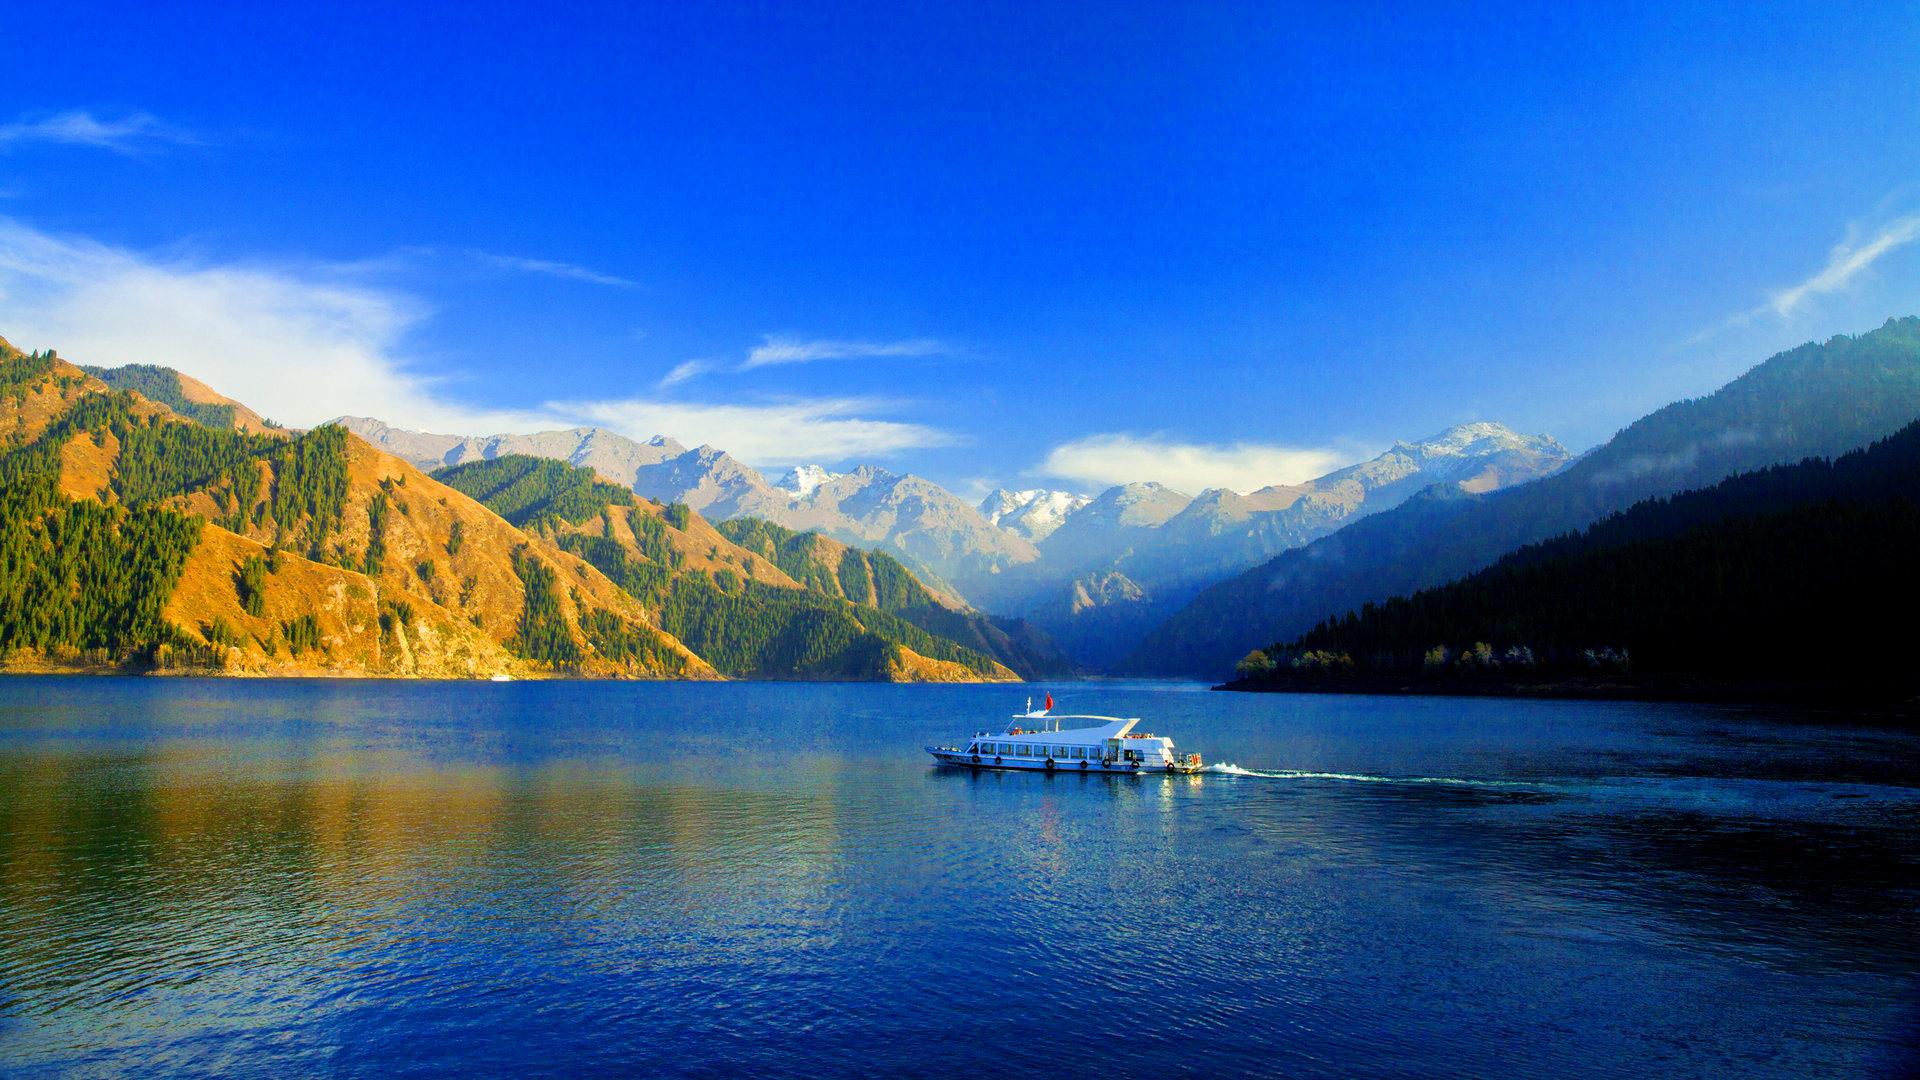 去新疆不容错过的美景